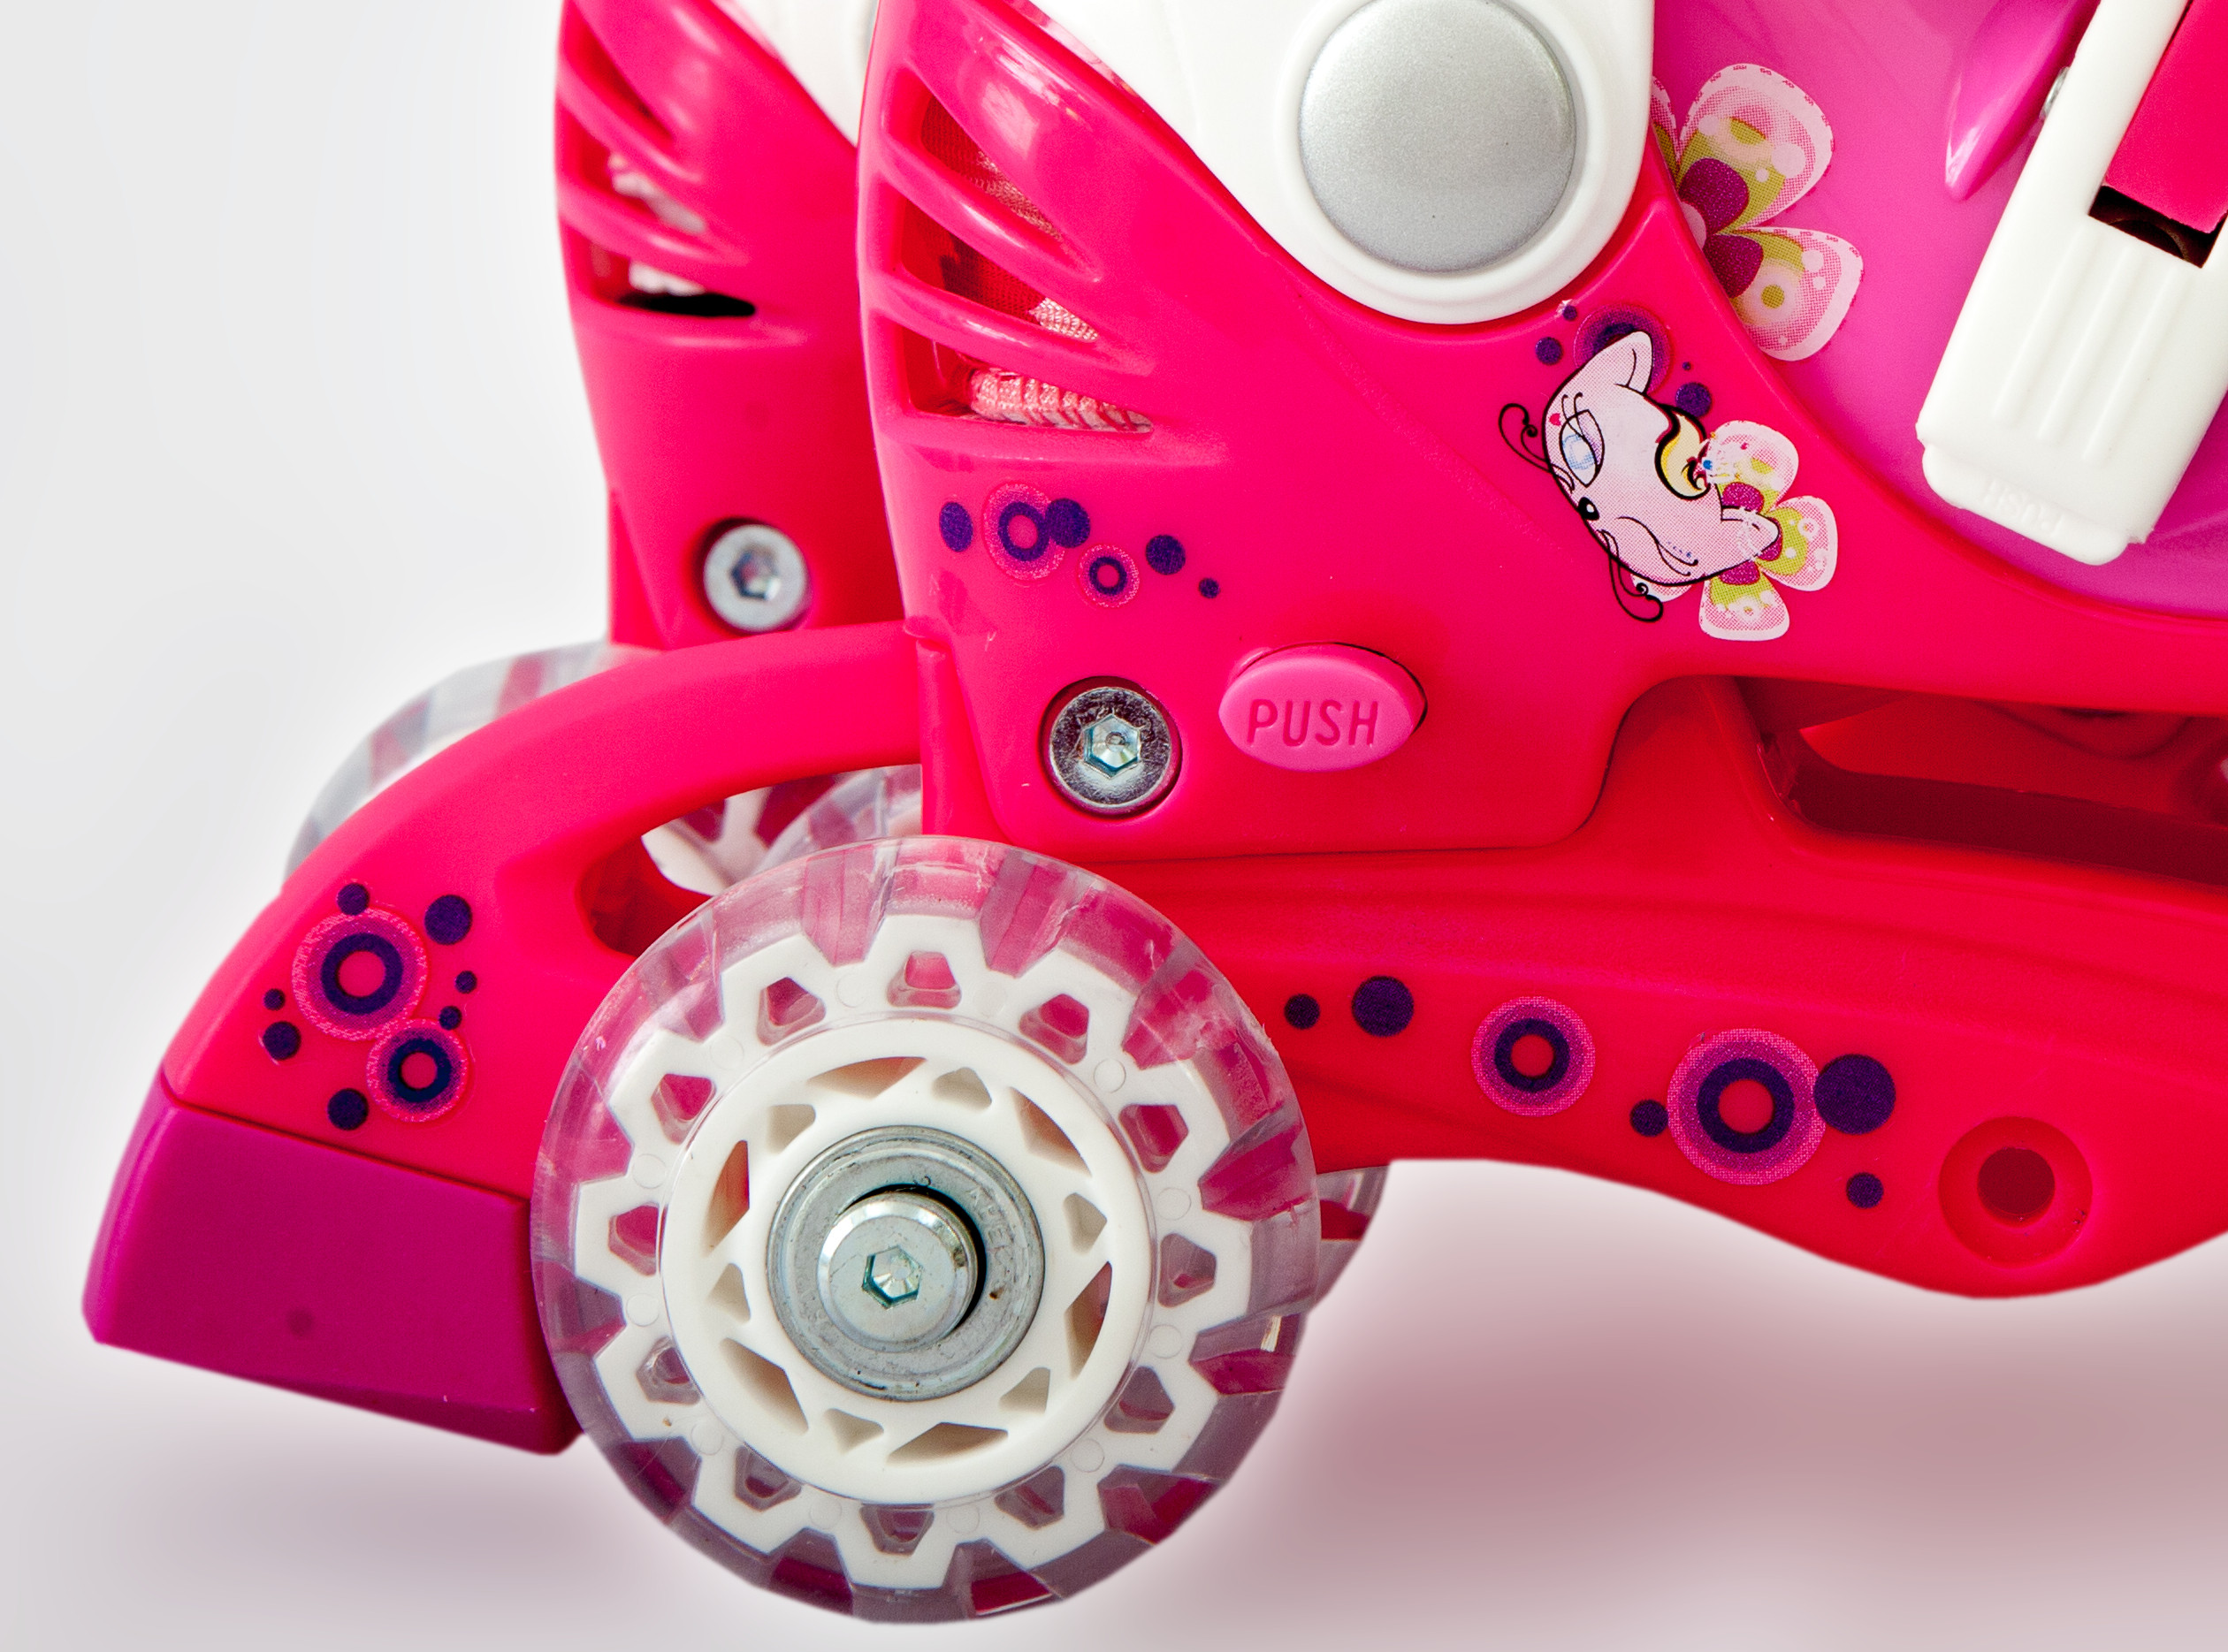 Ролики детские 26 размер, для обучения (трансформеры, раздвижной ботинок) MagicWheels розовые, - фото 4